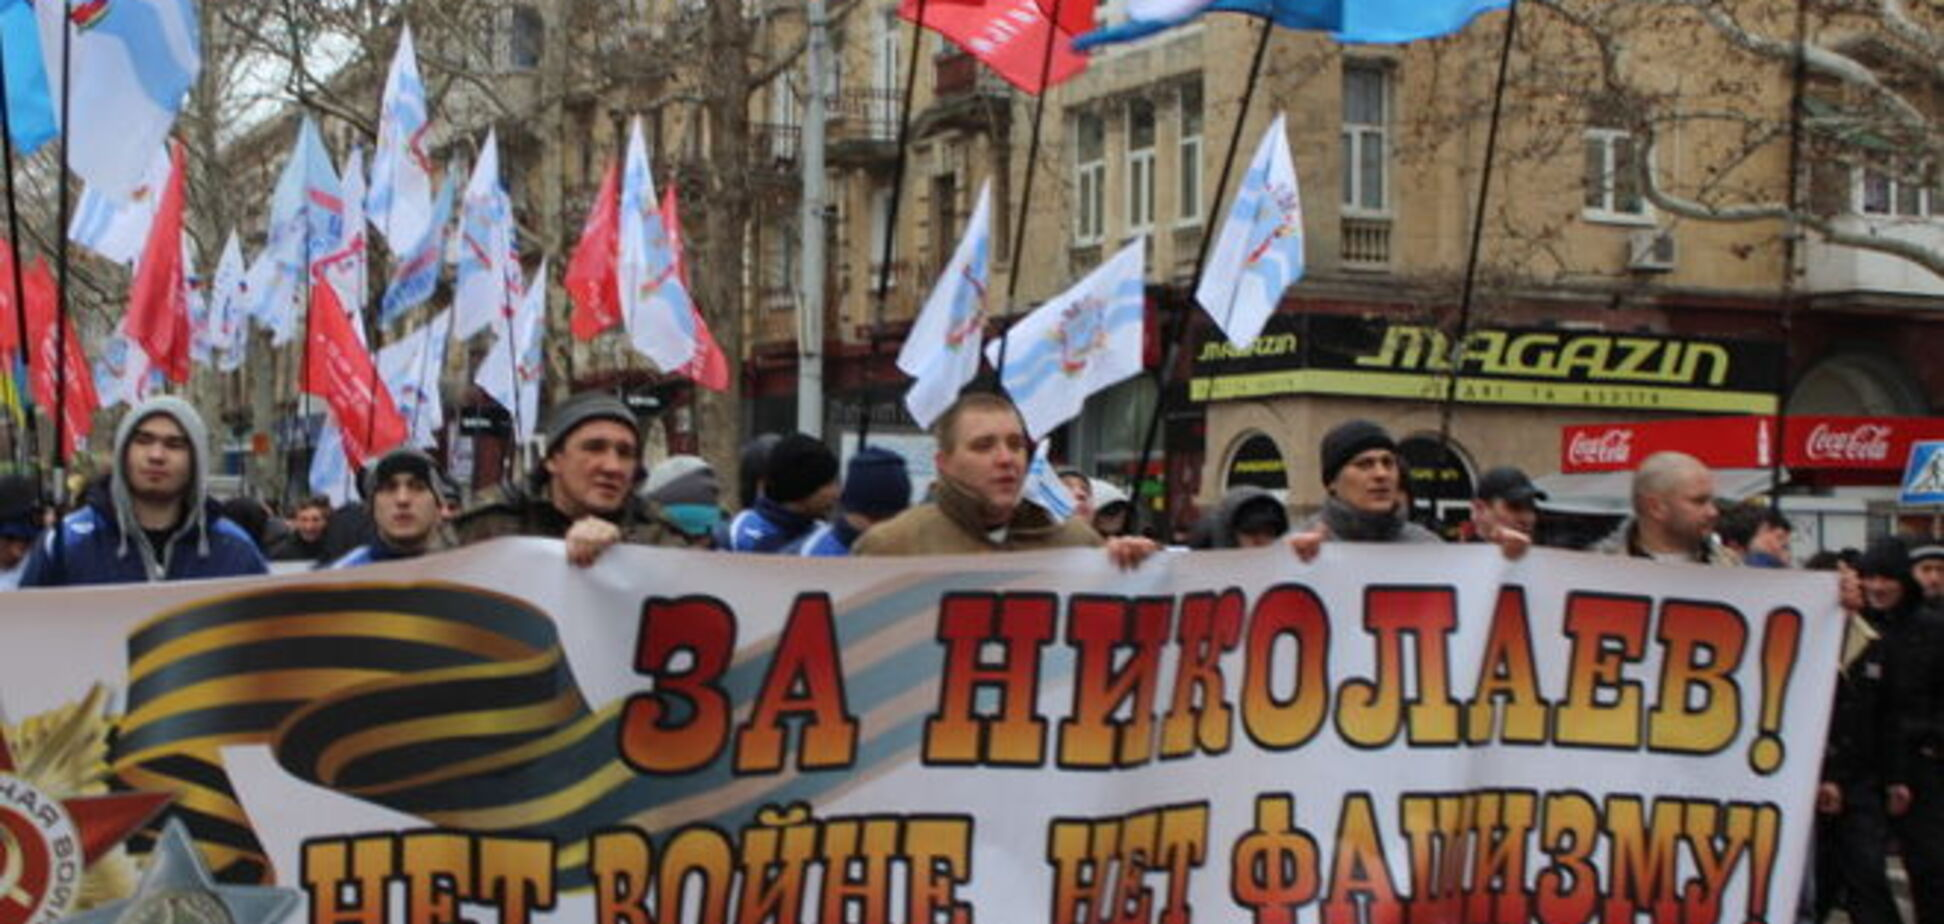 СМИ: спецназ задержал 'Народную раду Николаева' в полном составе